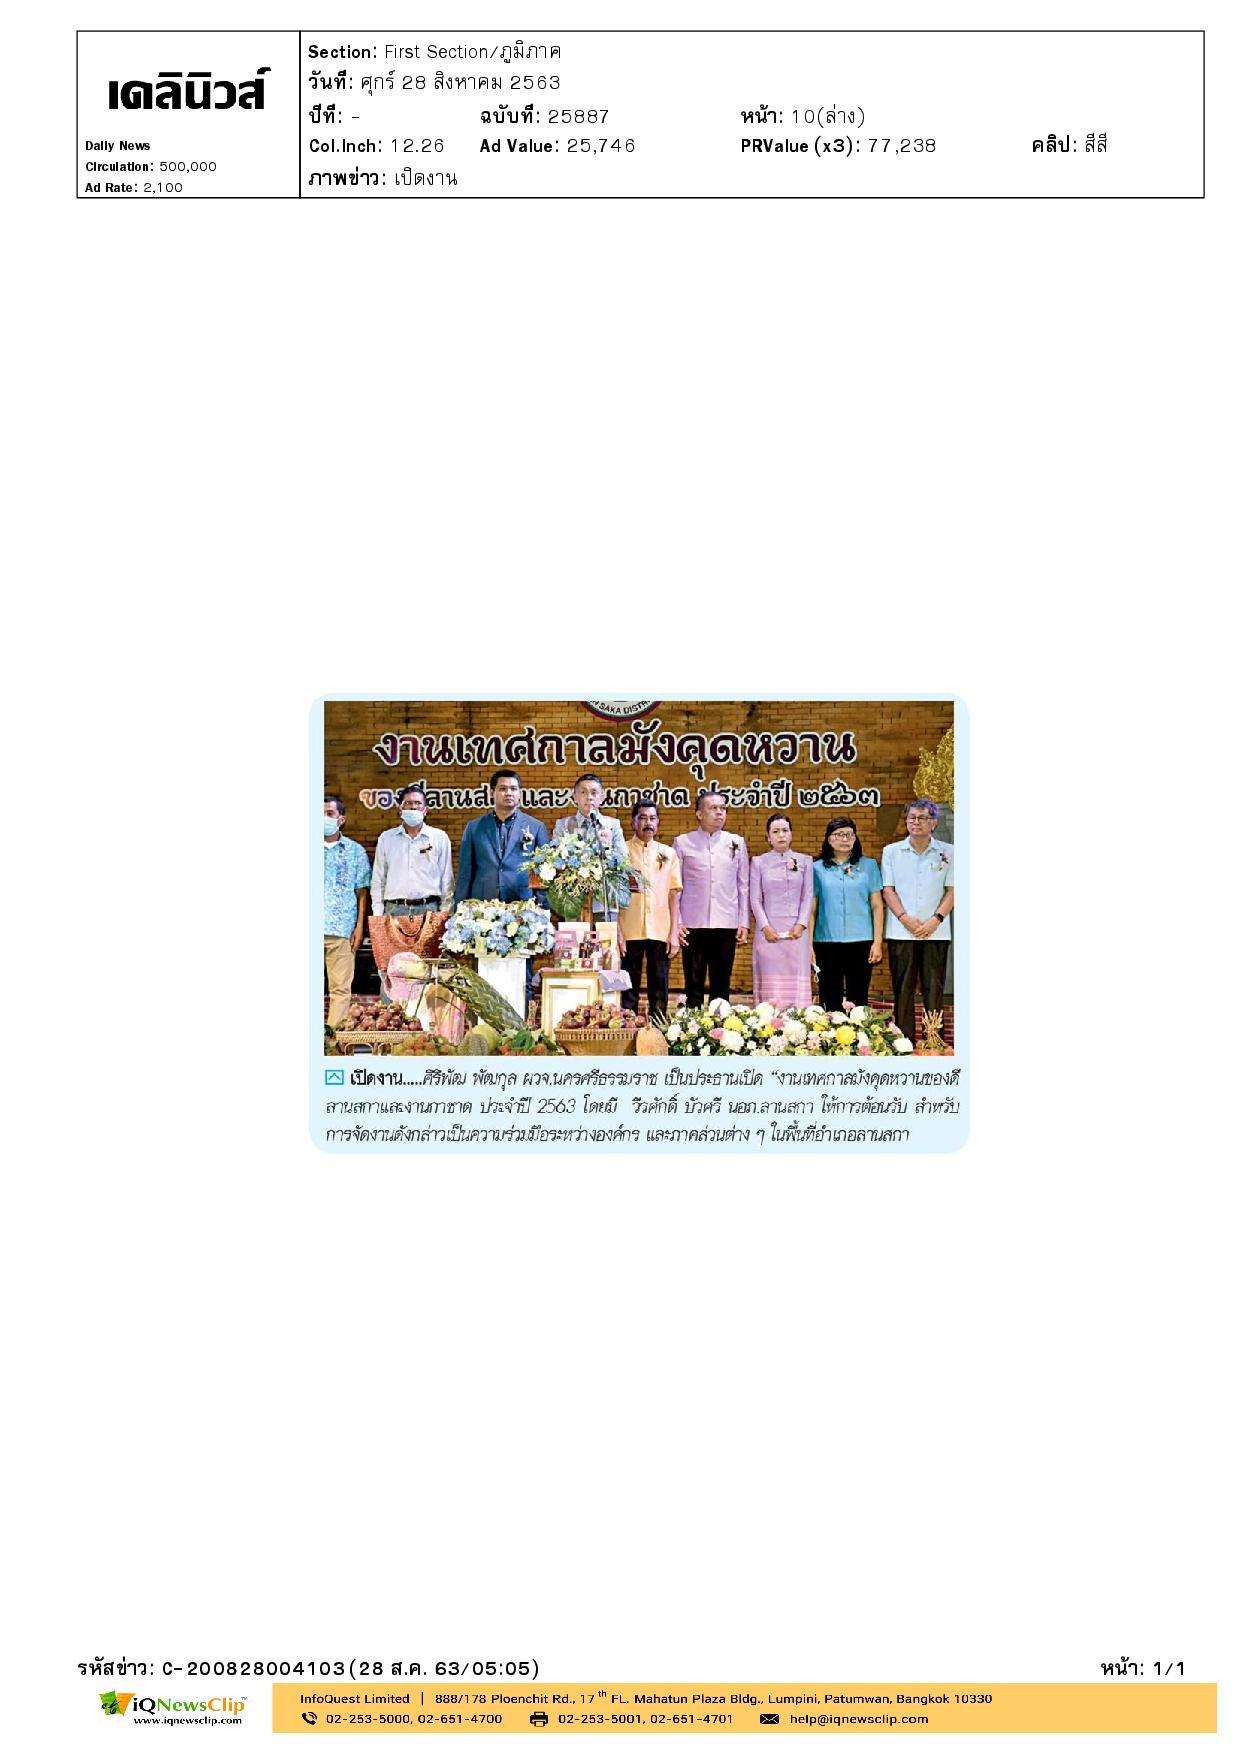 งานเทศกาลมังคุดหวานของดี ลานสกาและงานกาชาด ประจำปี 2563